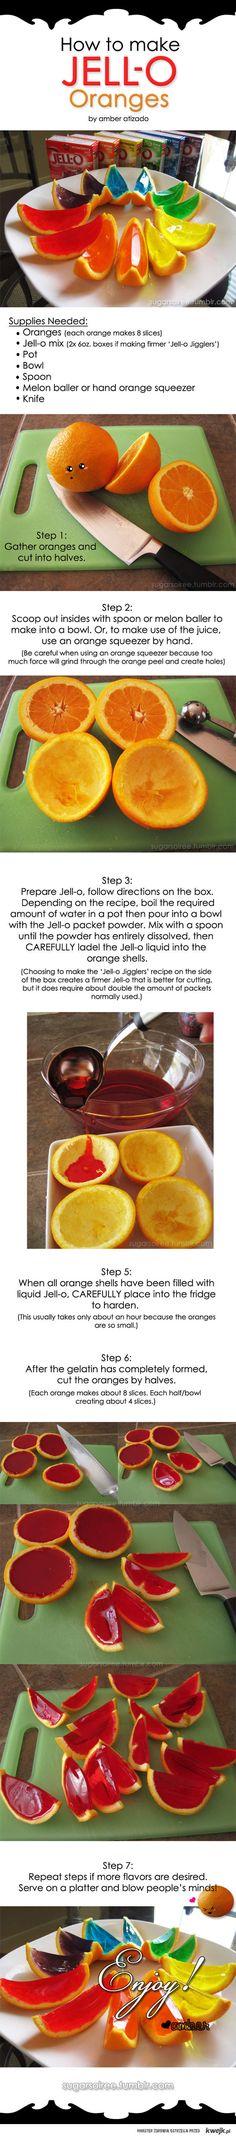 Jello oranges. [Replace 8-10oz cold water (using big box jello) w/ vodka for jello shots!]